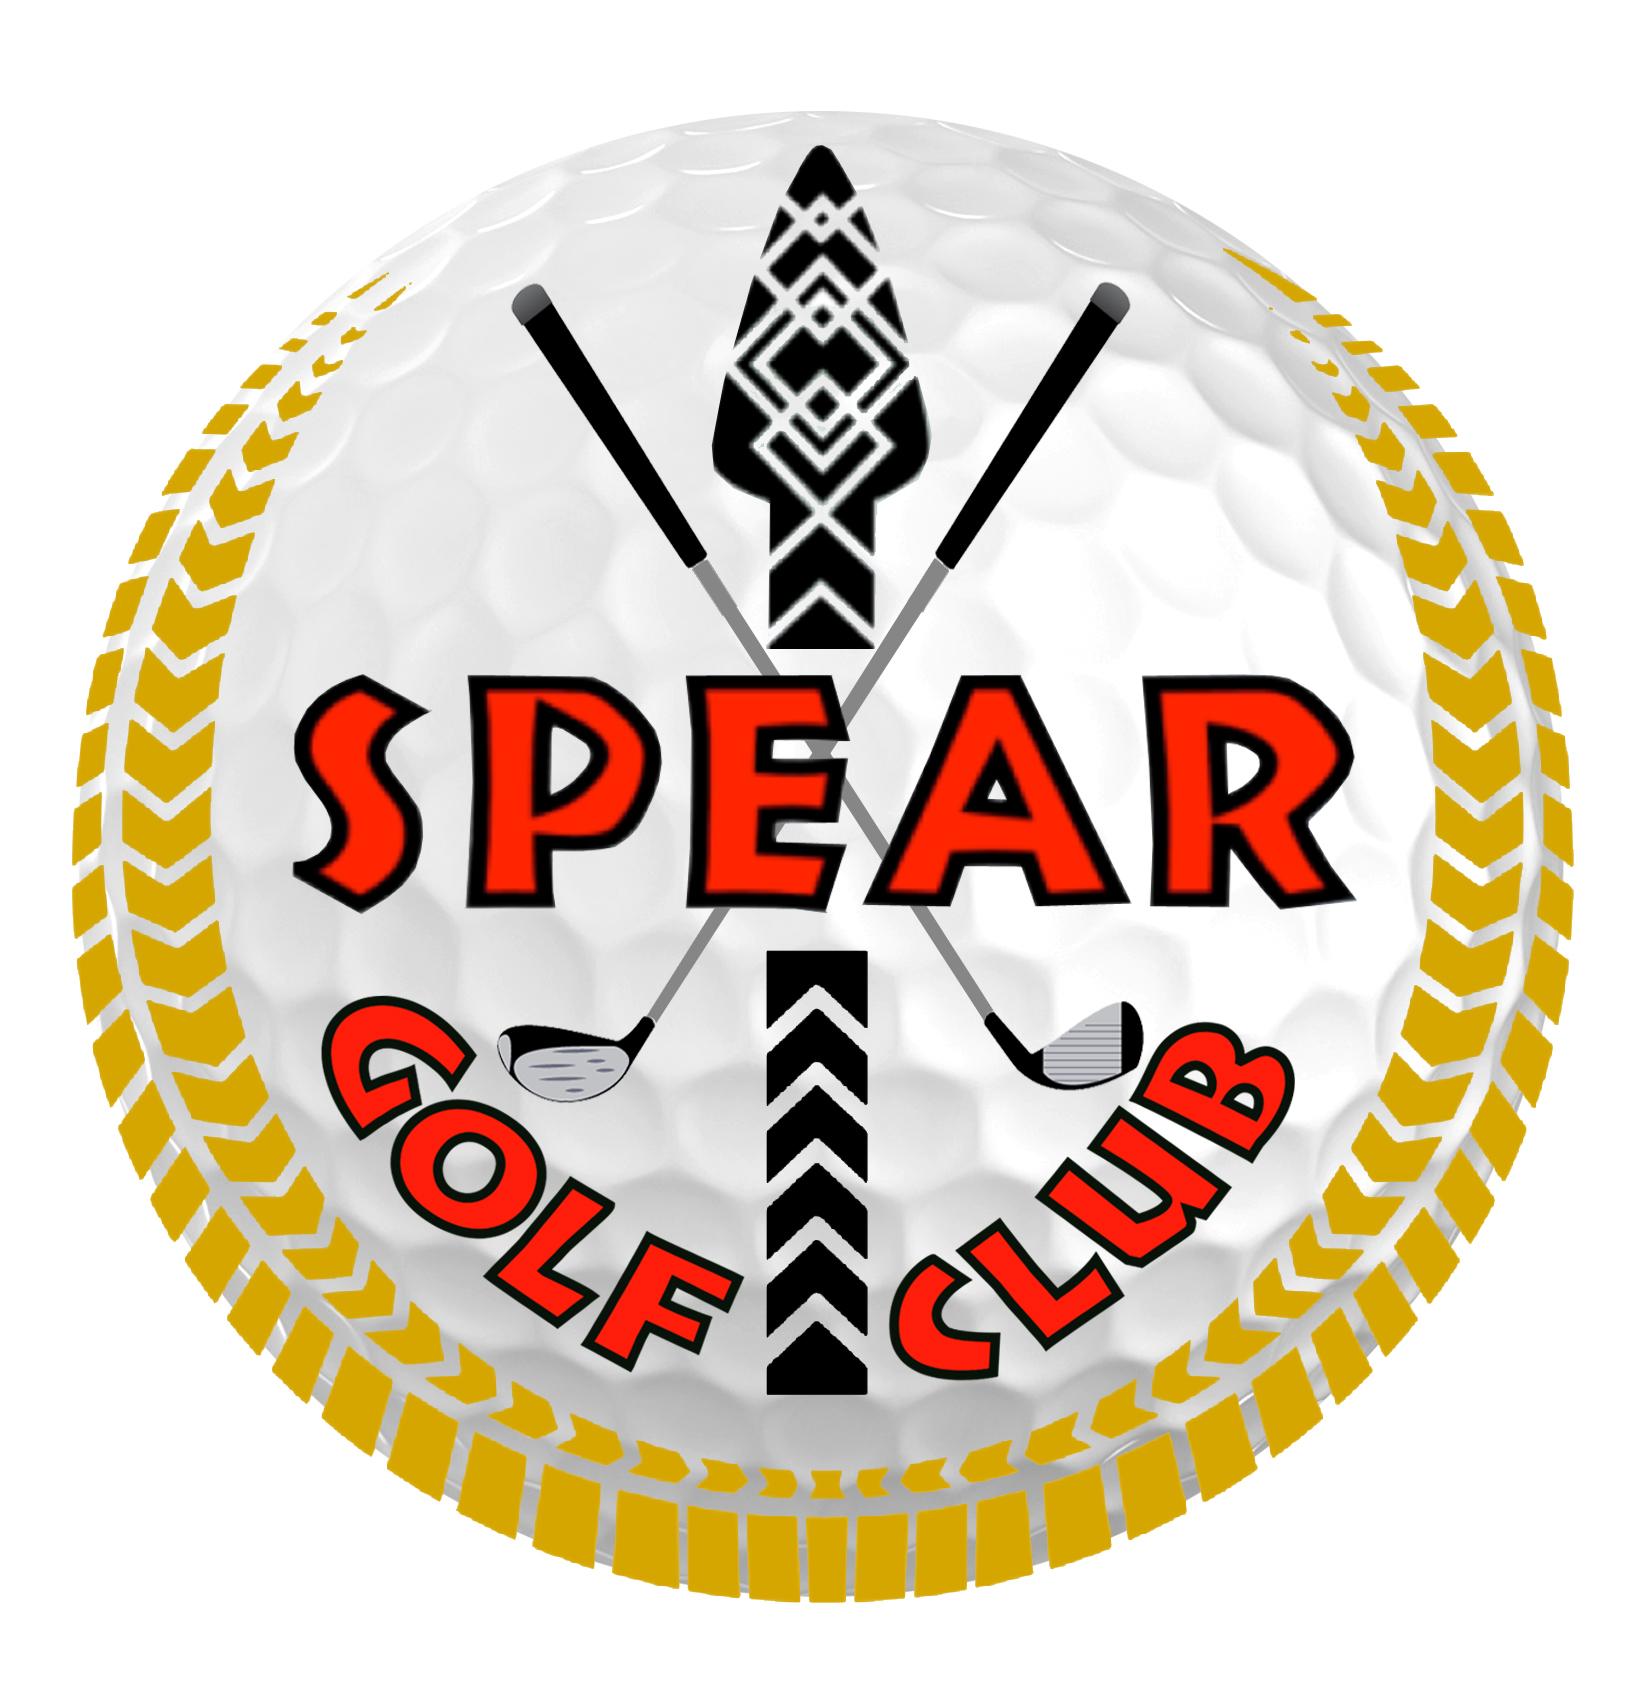 SPEAR GOLF CLUB